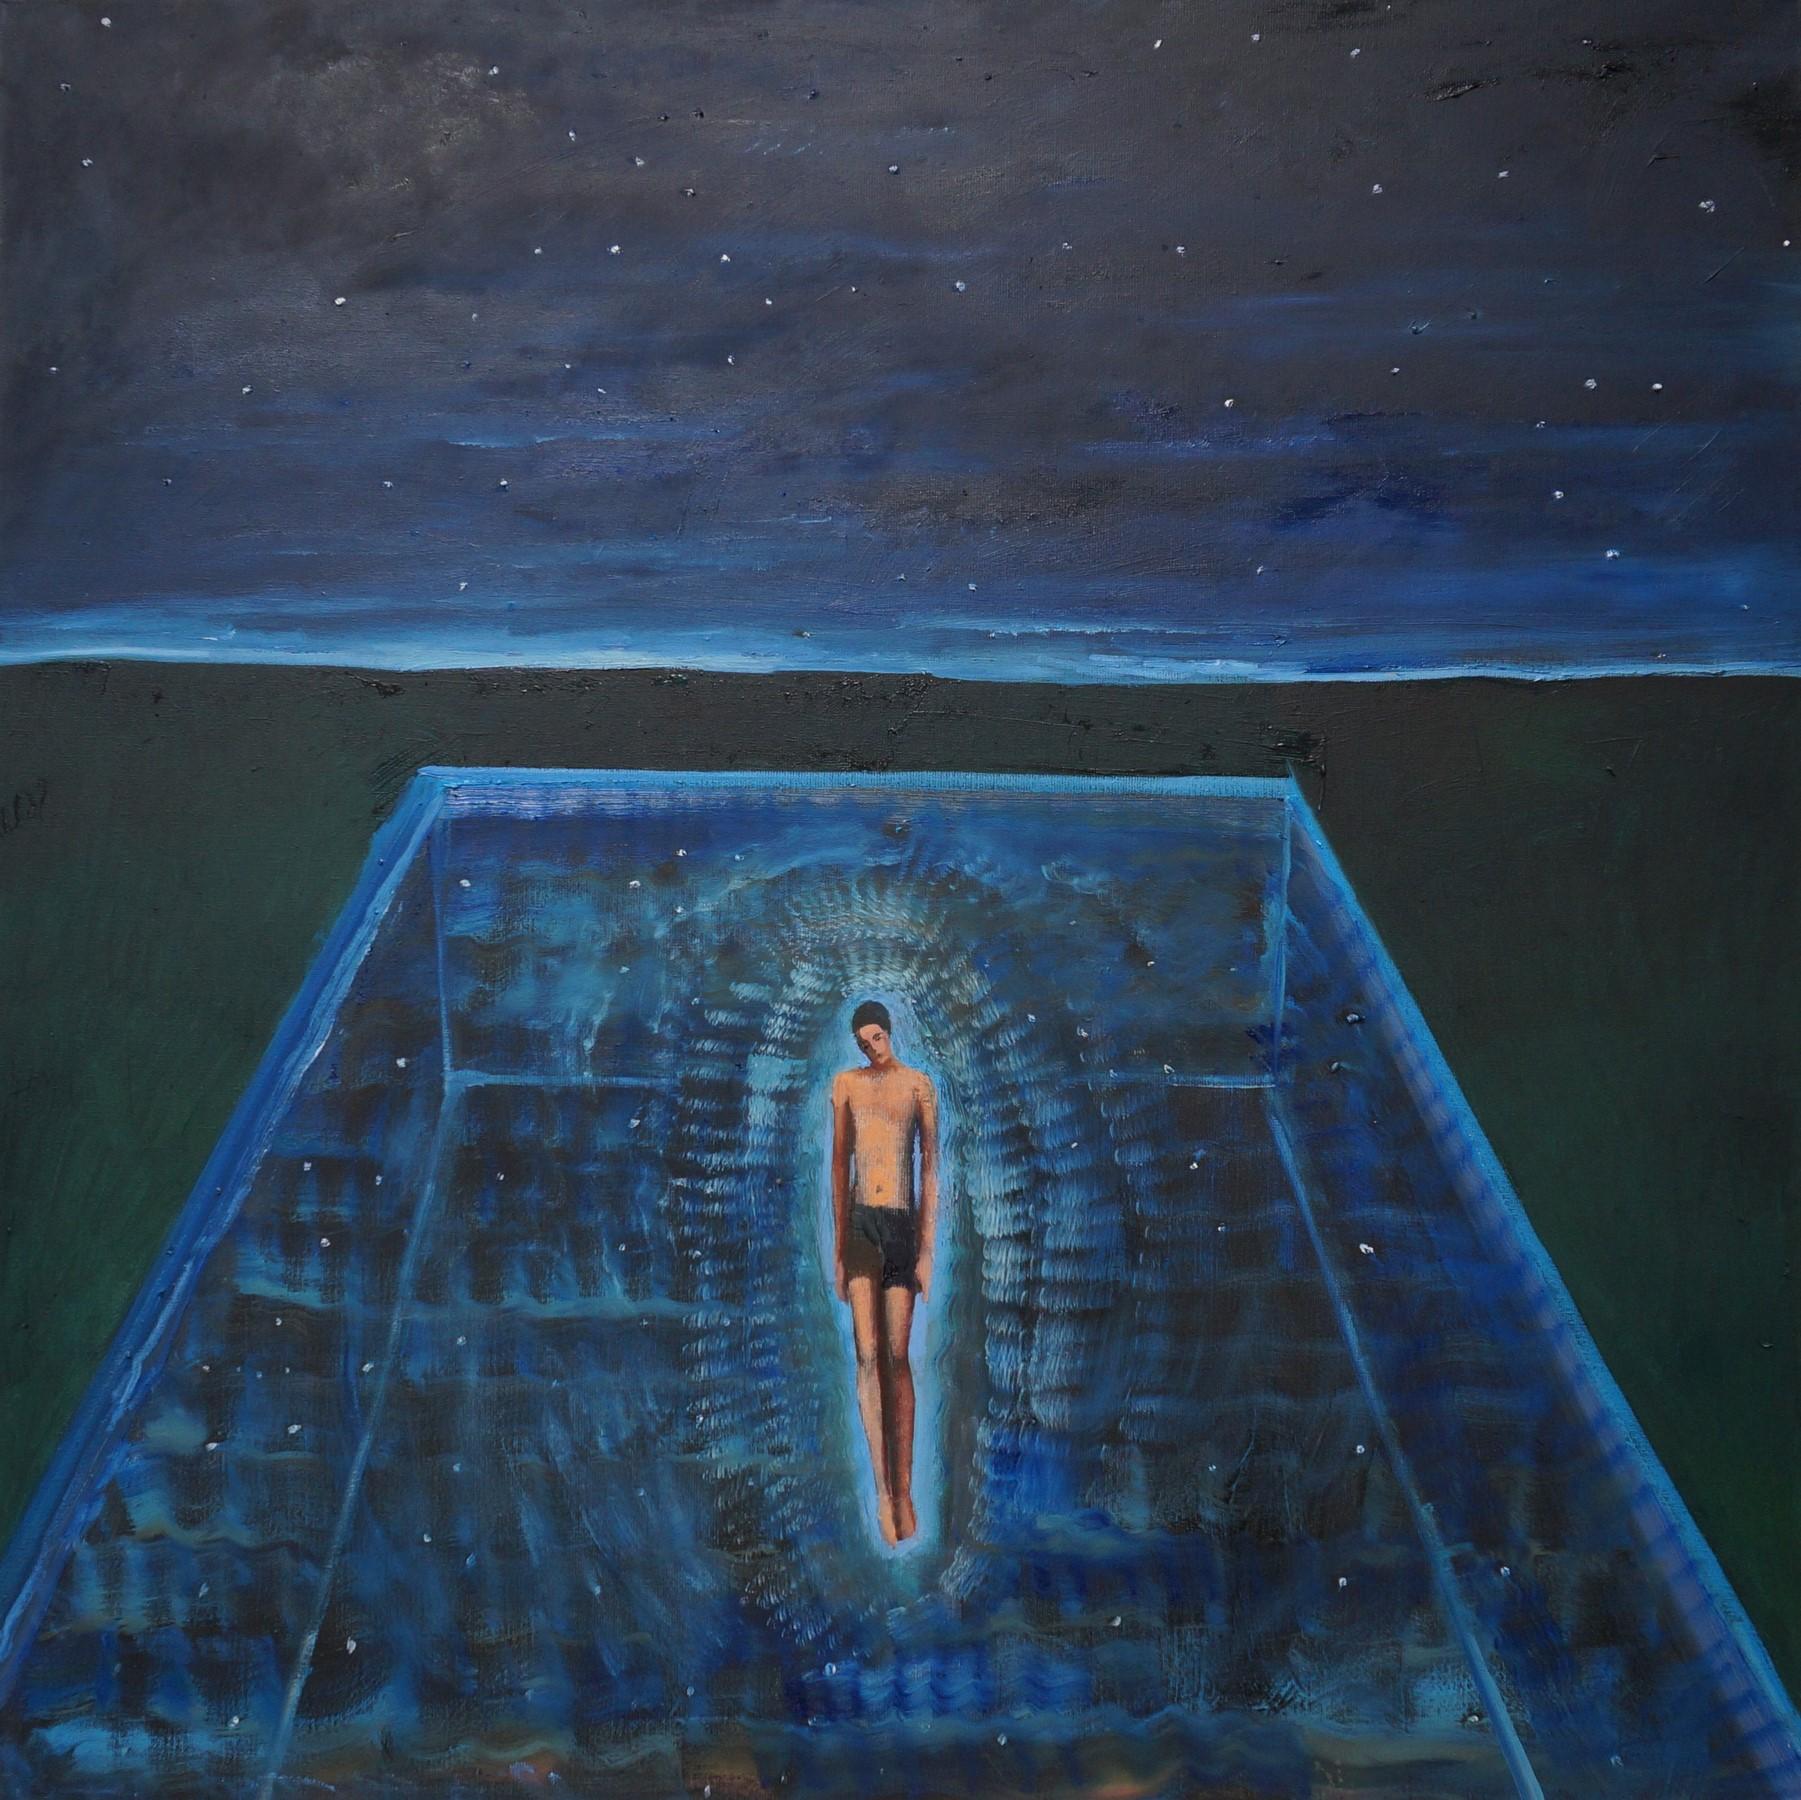 Gwiazdy w basenie